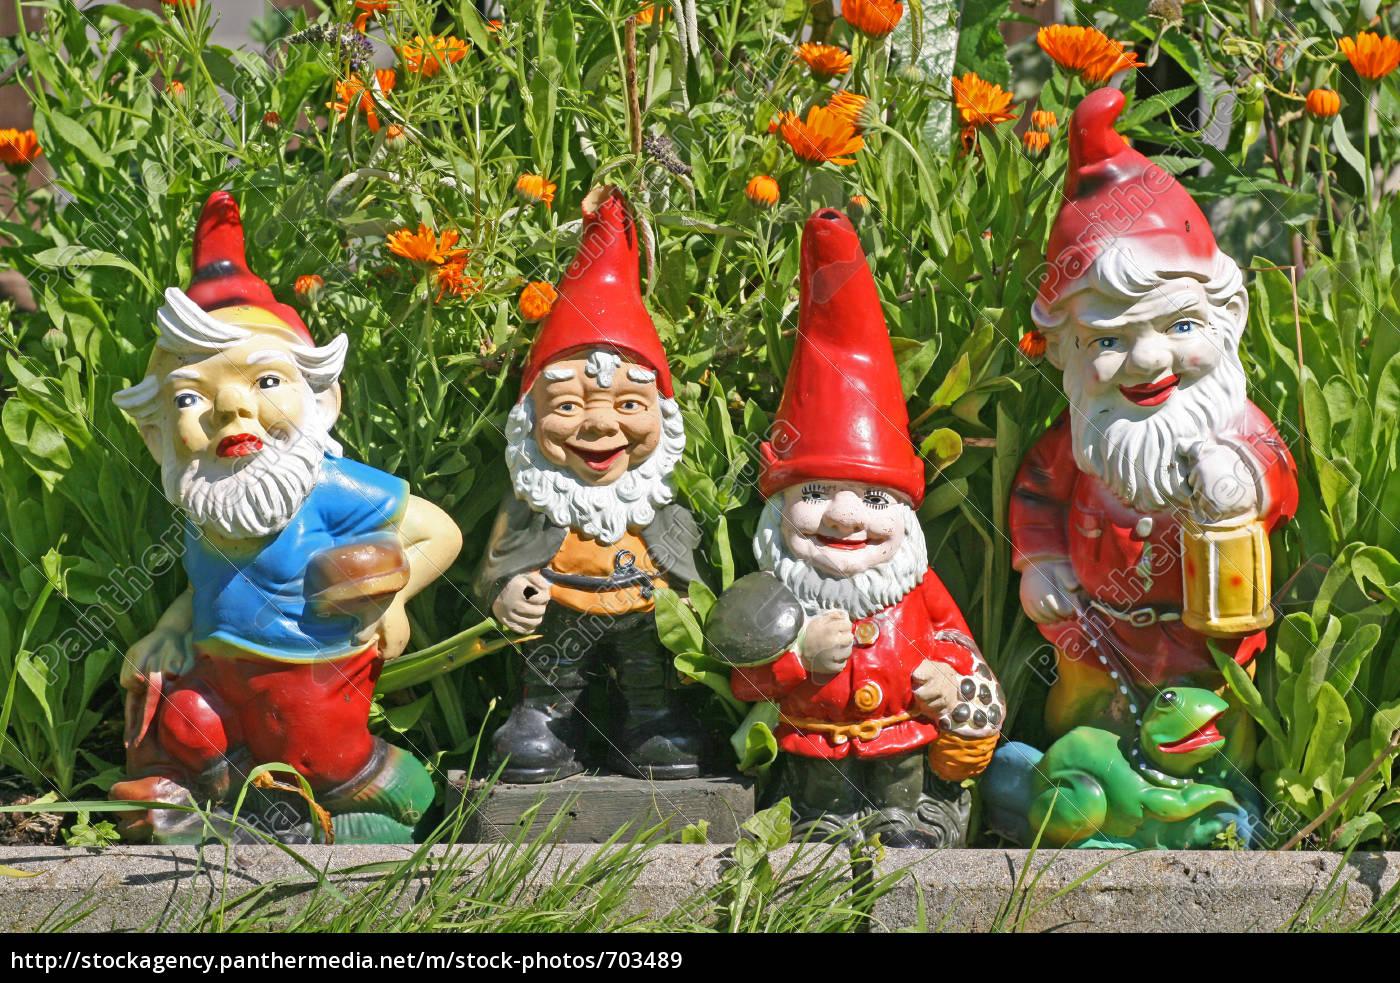 dwarf, parade - 703489